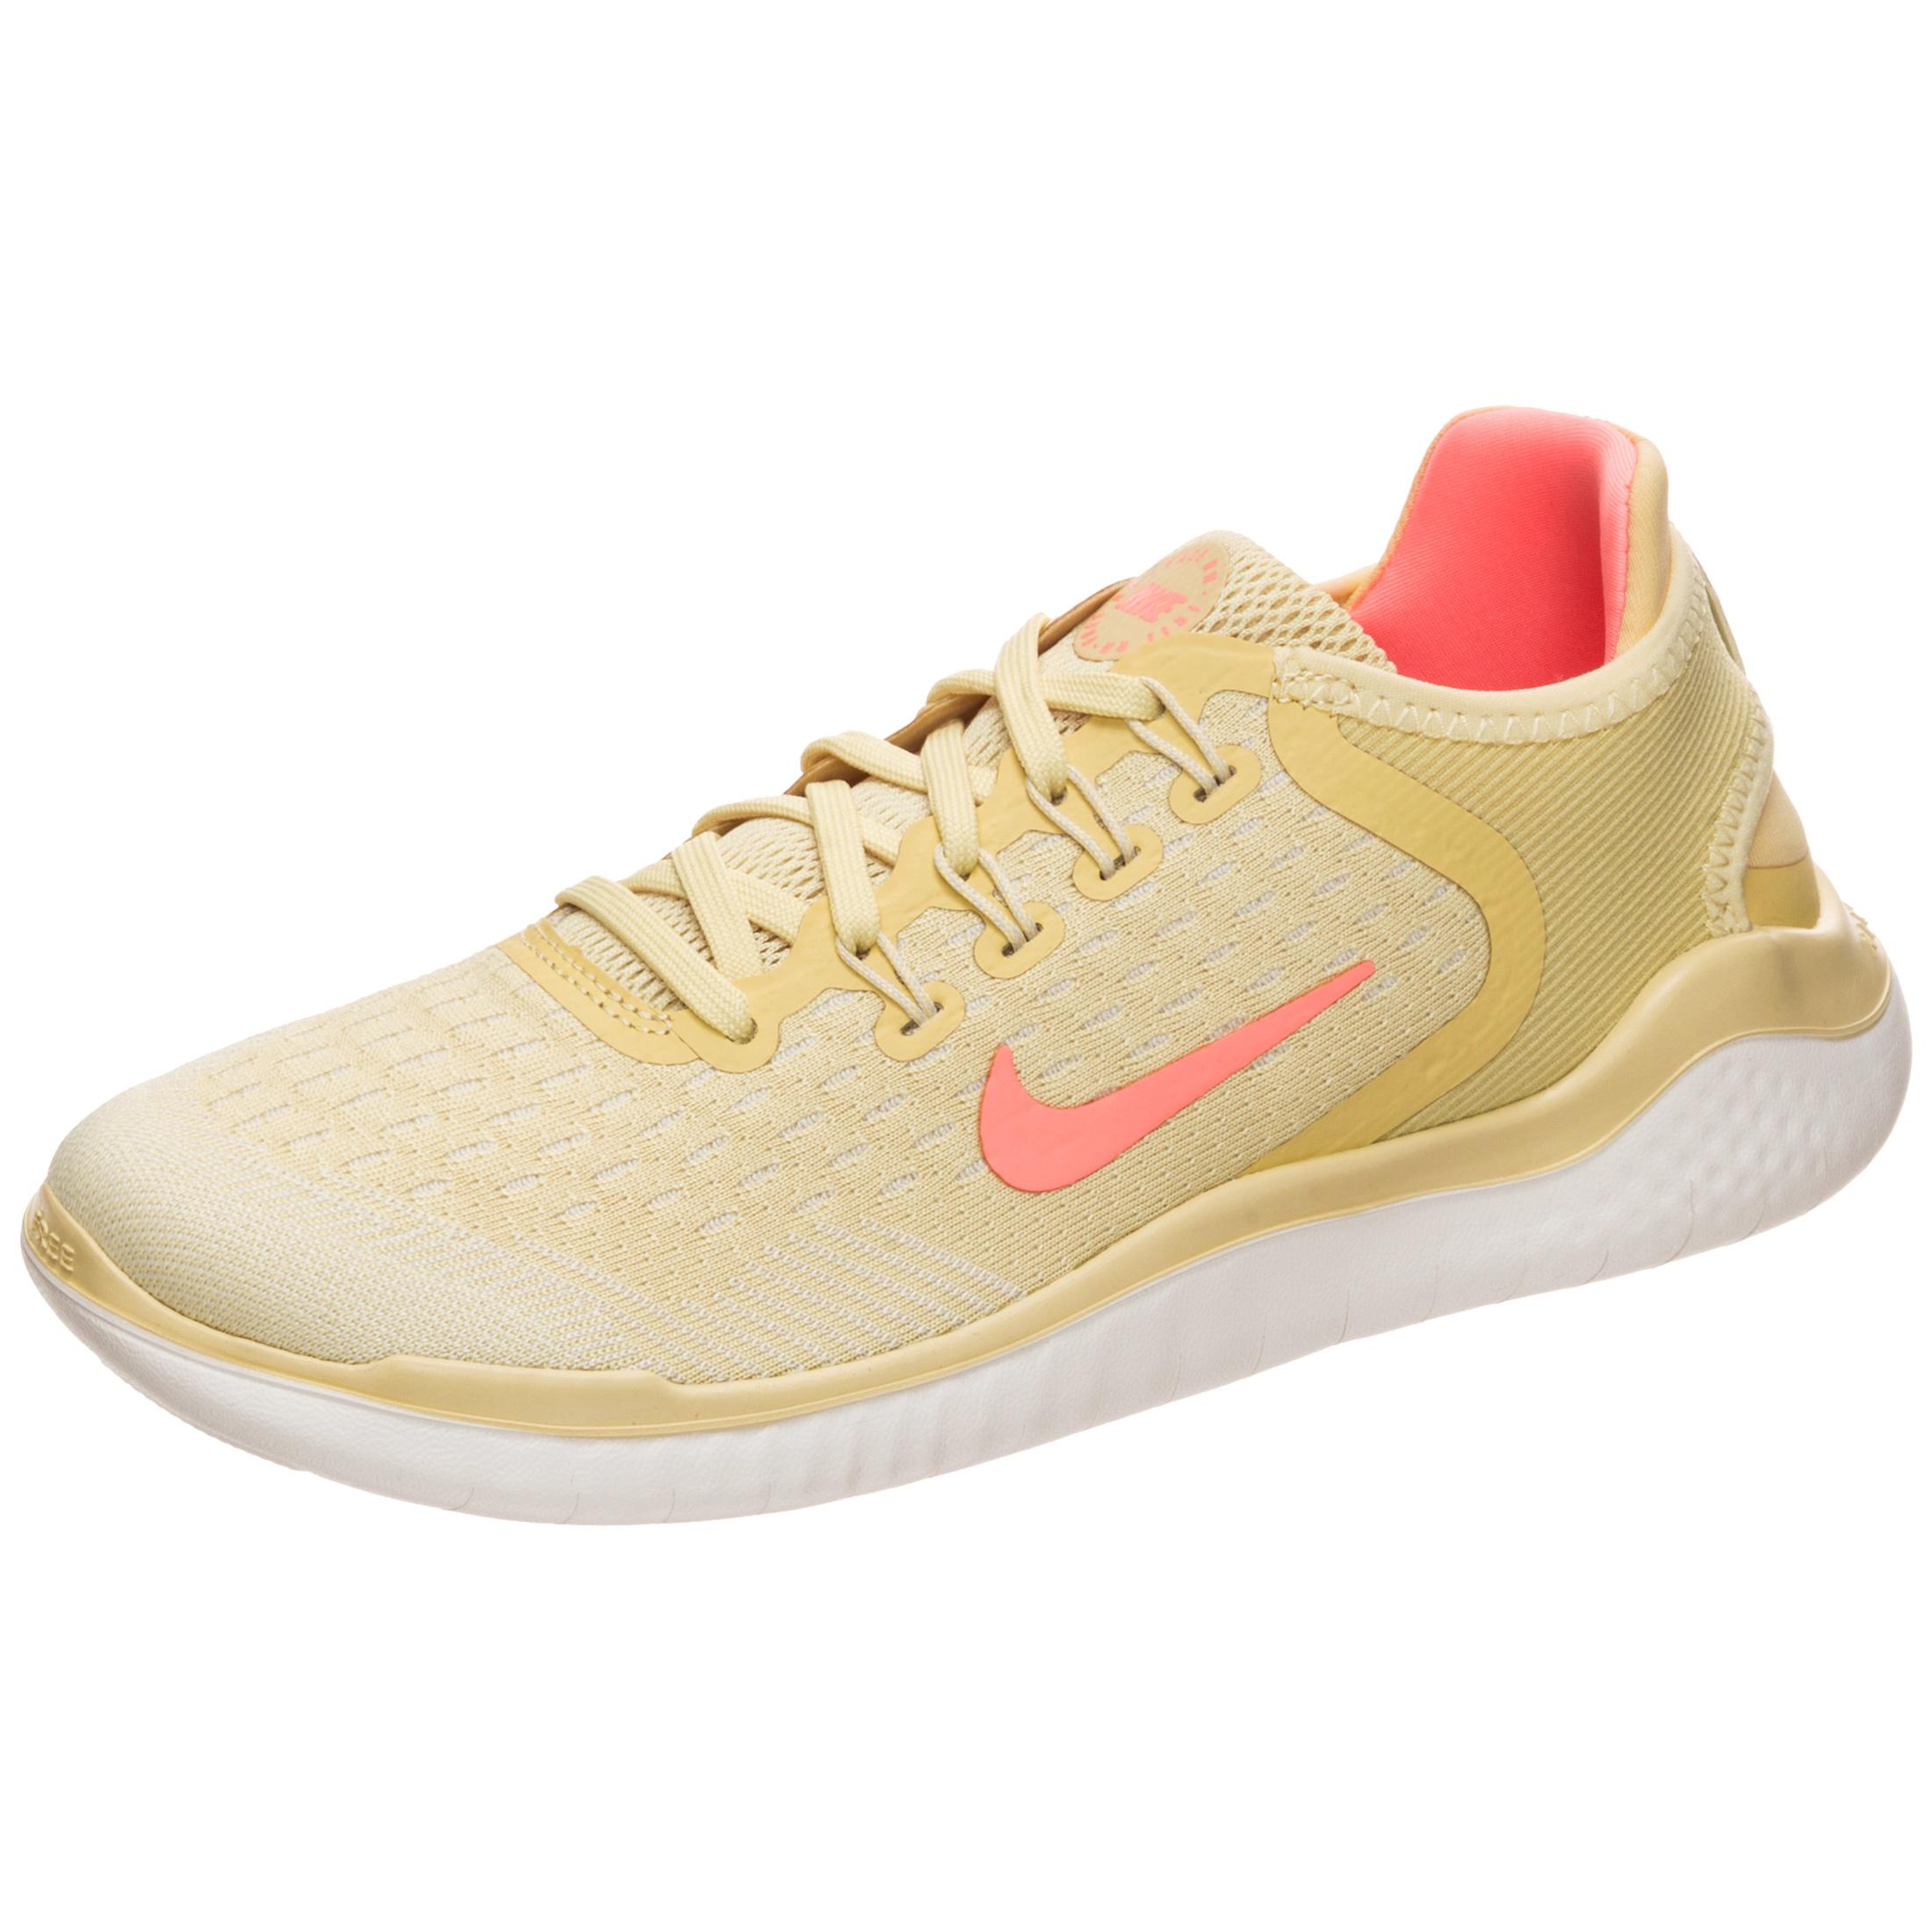 Nike Free RN 2018 Laufschuhe Damen gelb / korall im Online Shop von SportScheck kaufen